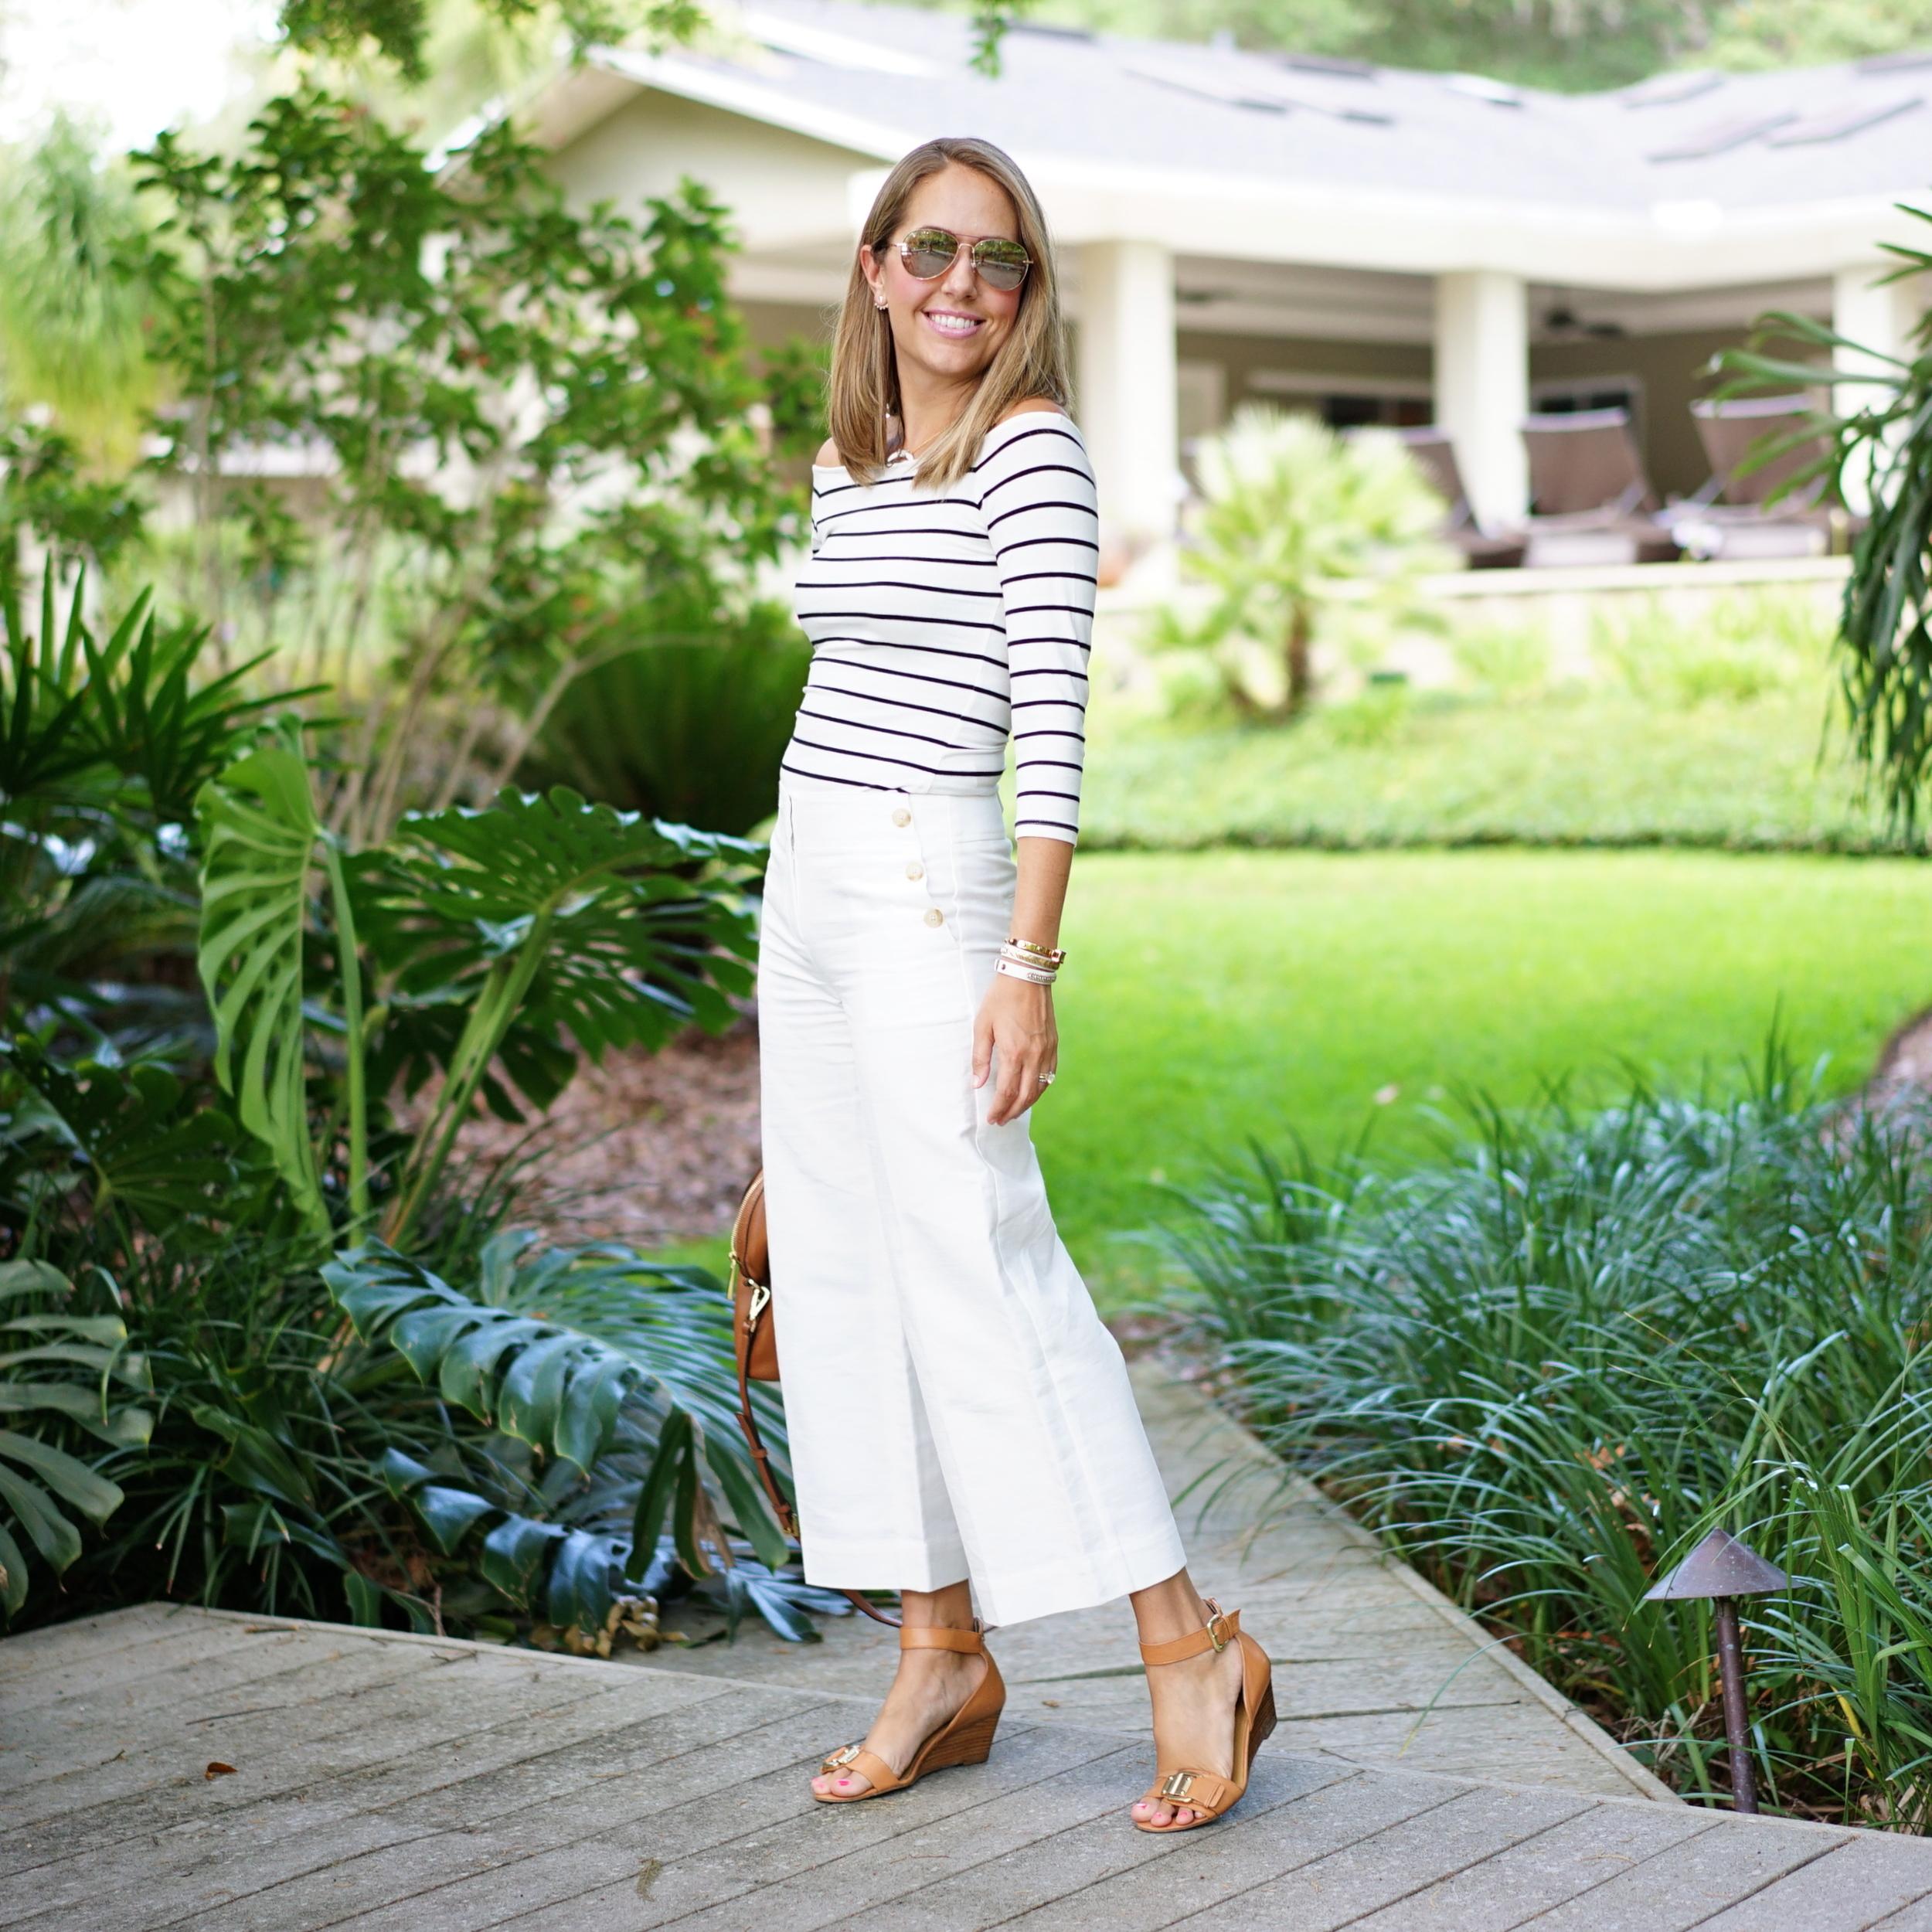 Stripe shirt, white cropped pants